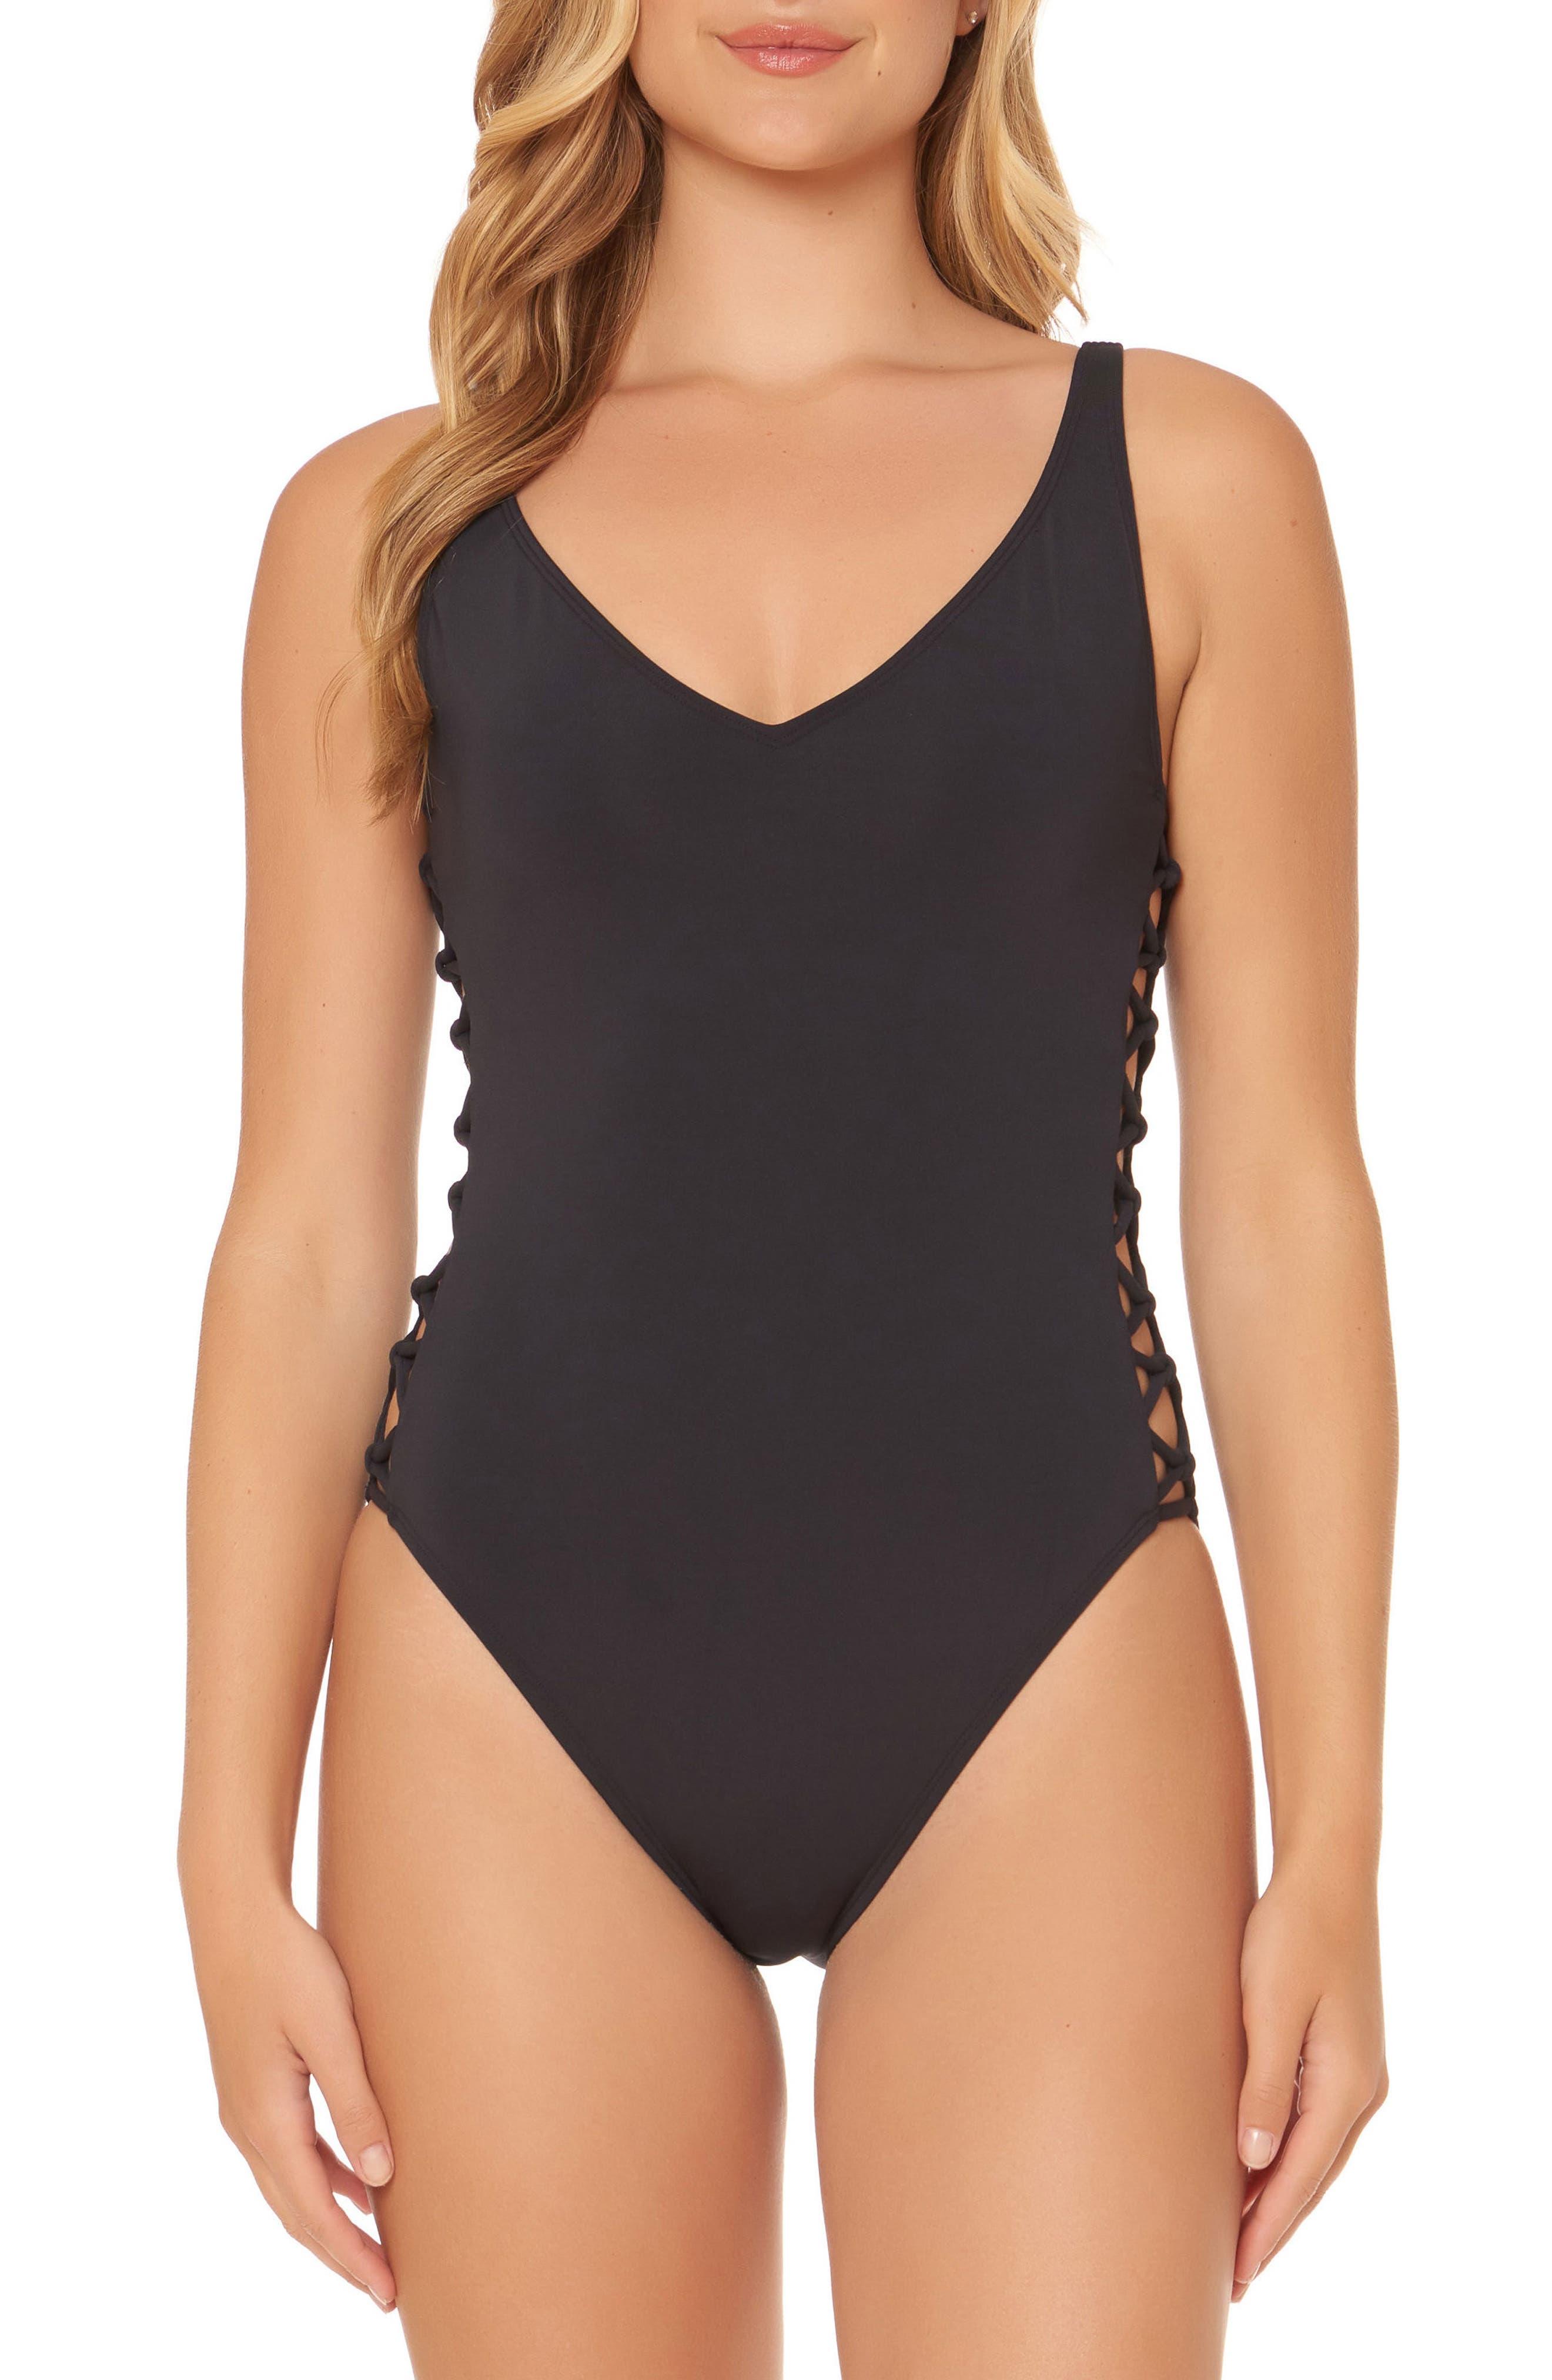 BLEU by Rod Beattie Lattice One-Piece Swimsuit,                             Main thumbnail 1, color,